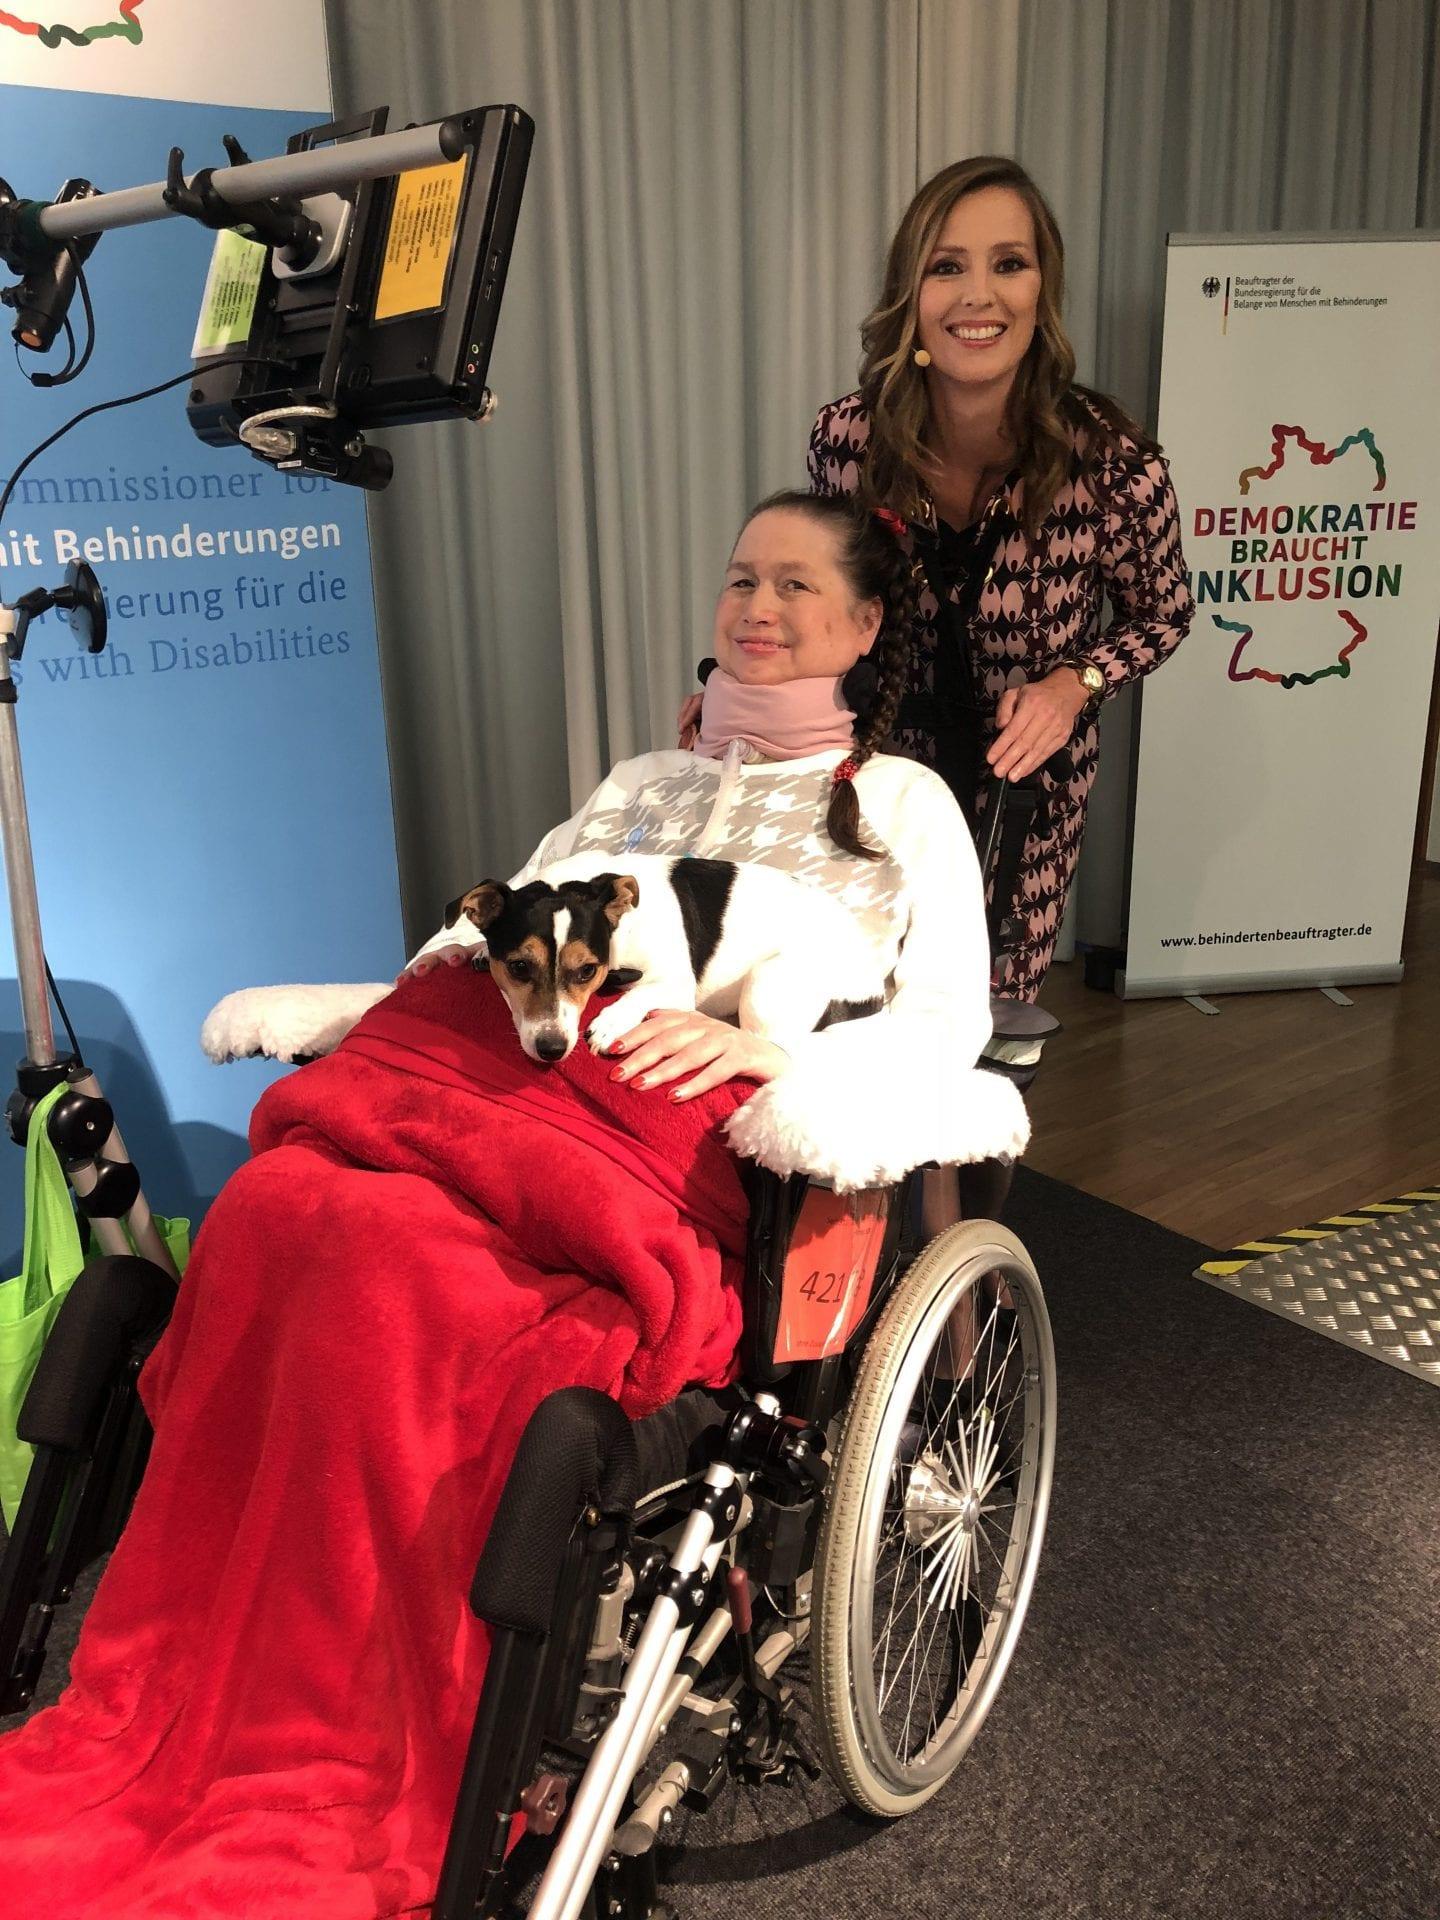 Moderatorin Kristina zur Mühlen |ALS-Patientin Angela Jansen im Rollstuhl |BrainPainting